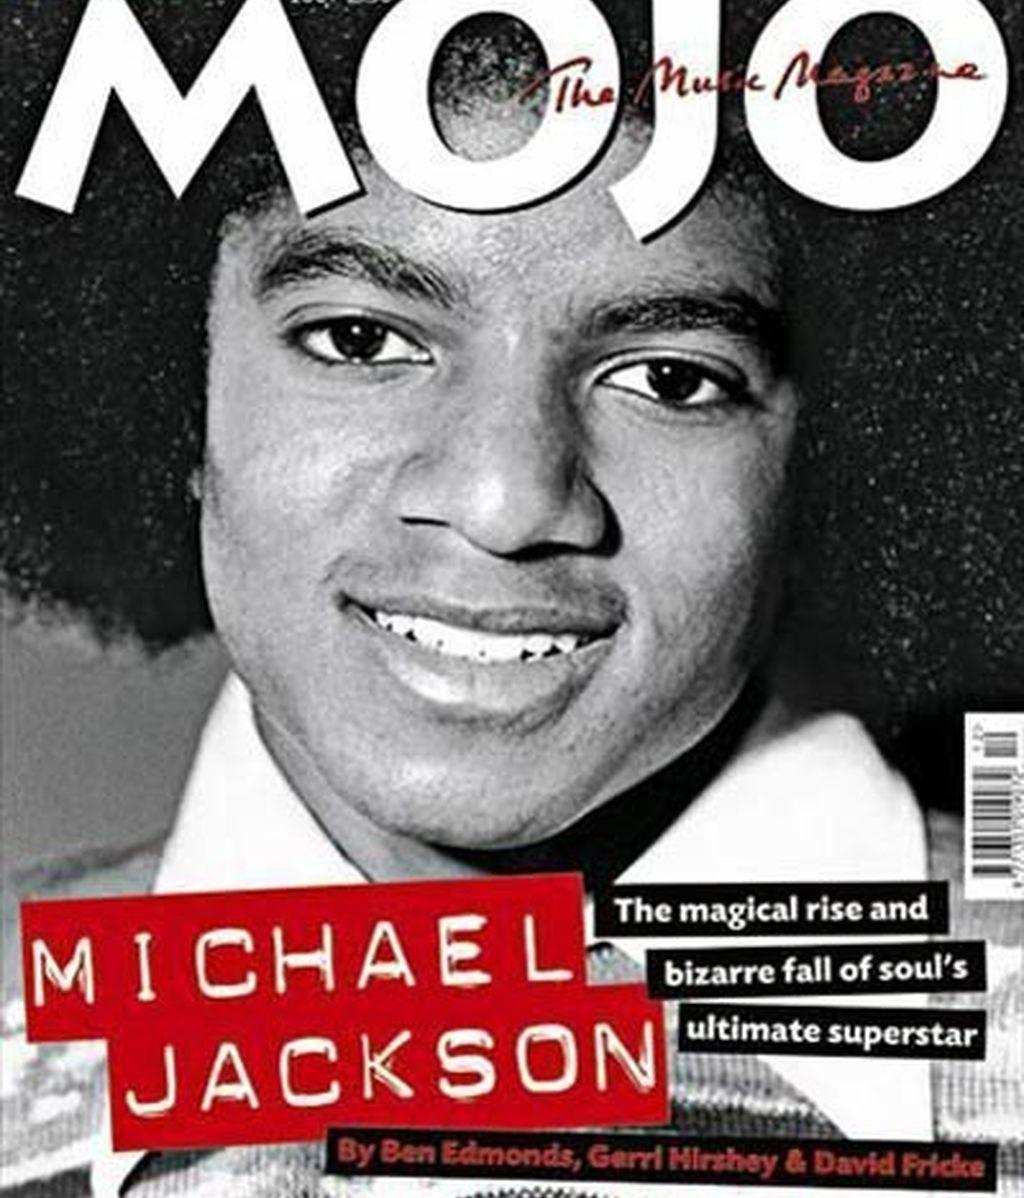 100 portadas de Michael Jackson: ¿Persona o personaje?